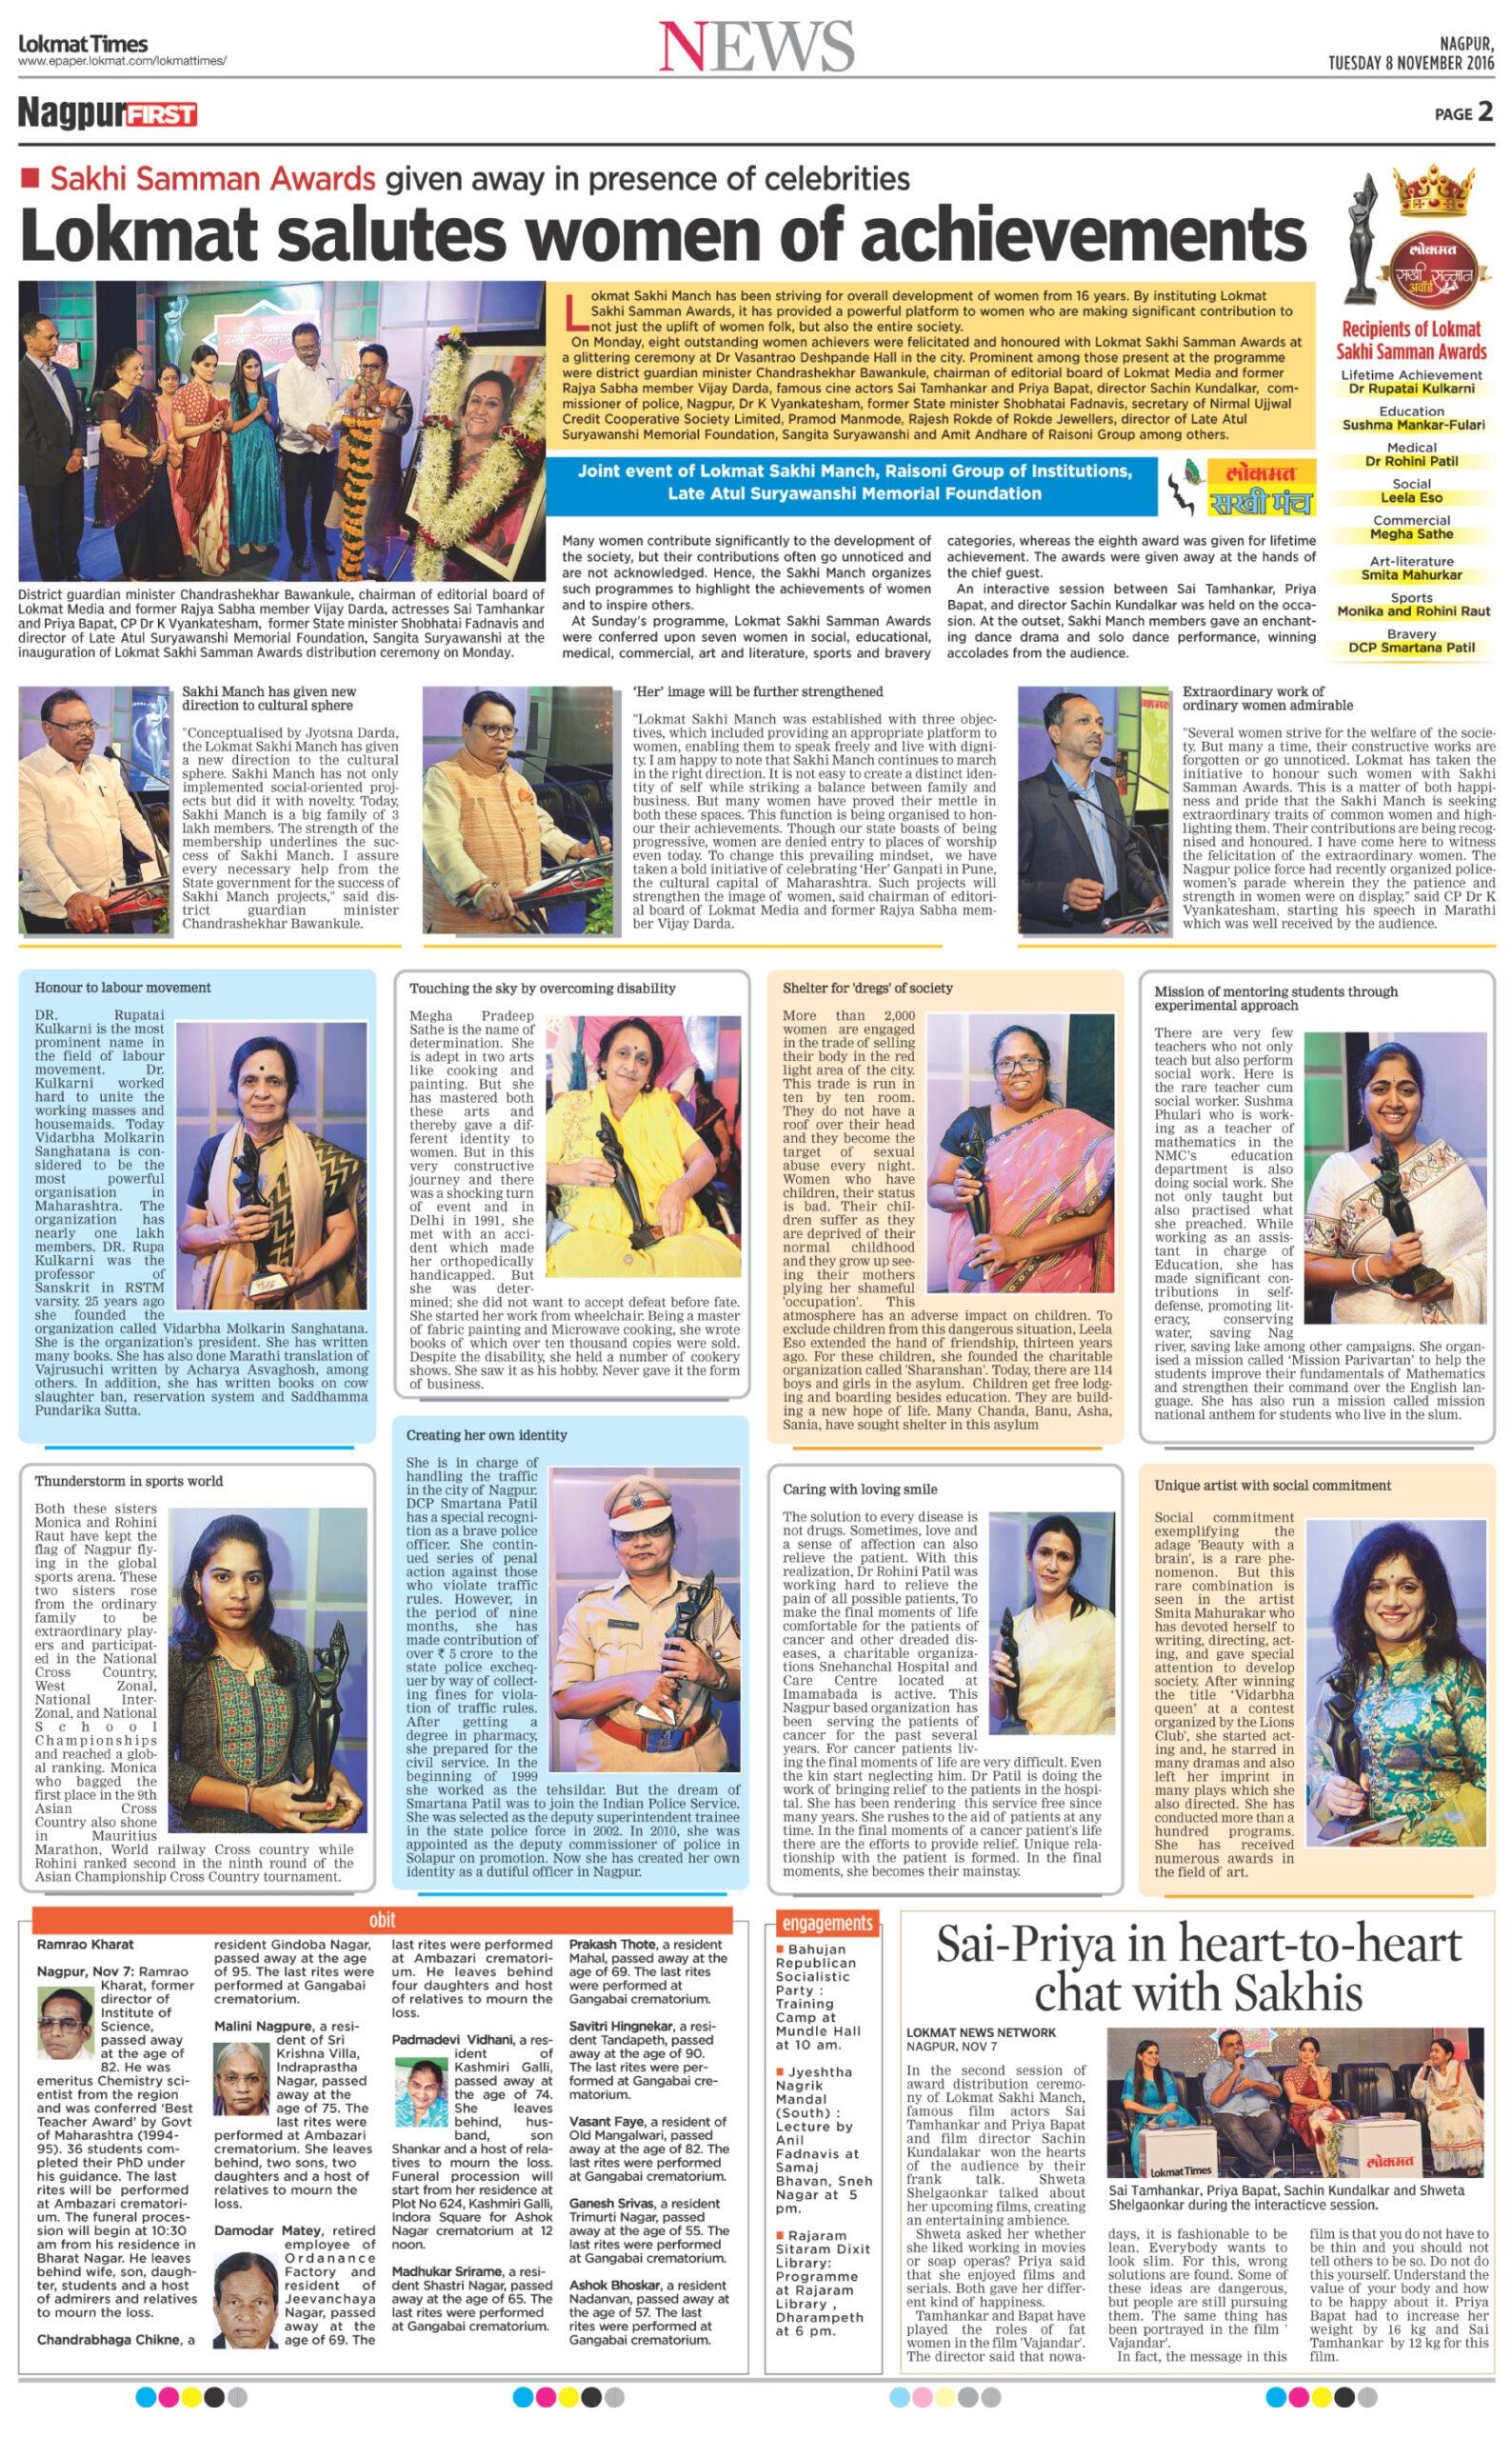 Lokmat salutes women of achievements